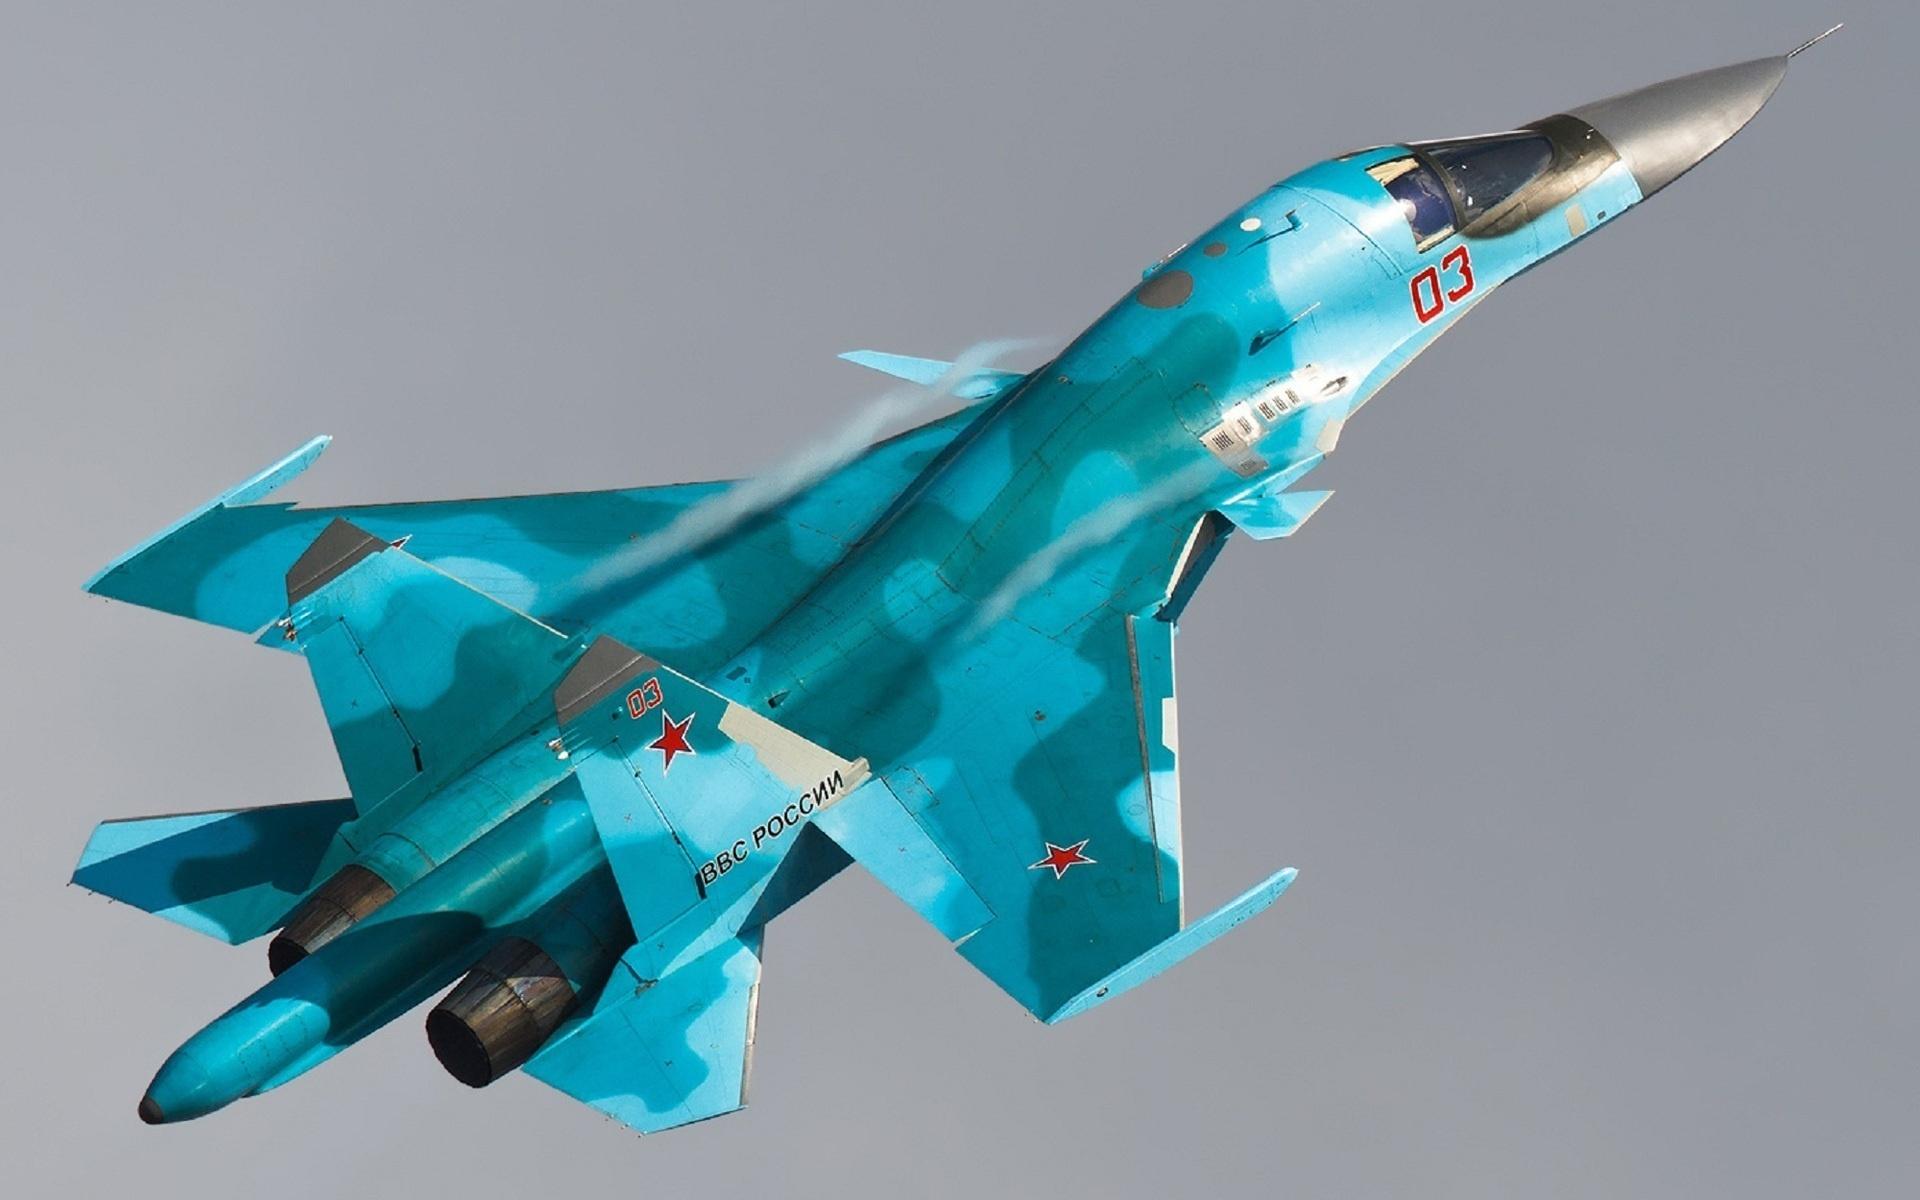 412001_Su-34_Sukhoi_su-34_suxoj_1920x1200_(www.GdeFon.ru).jpg